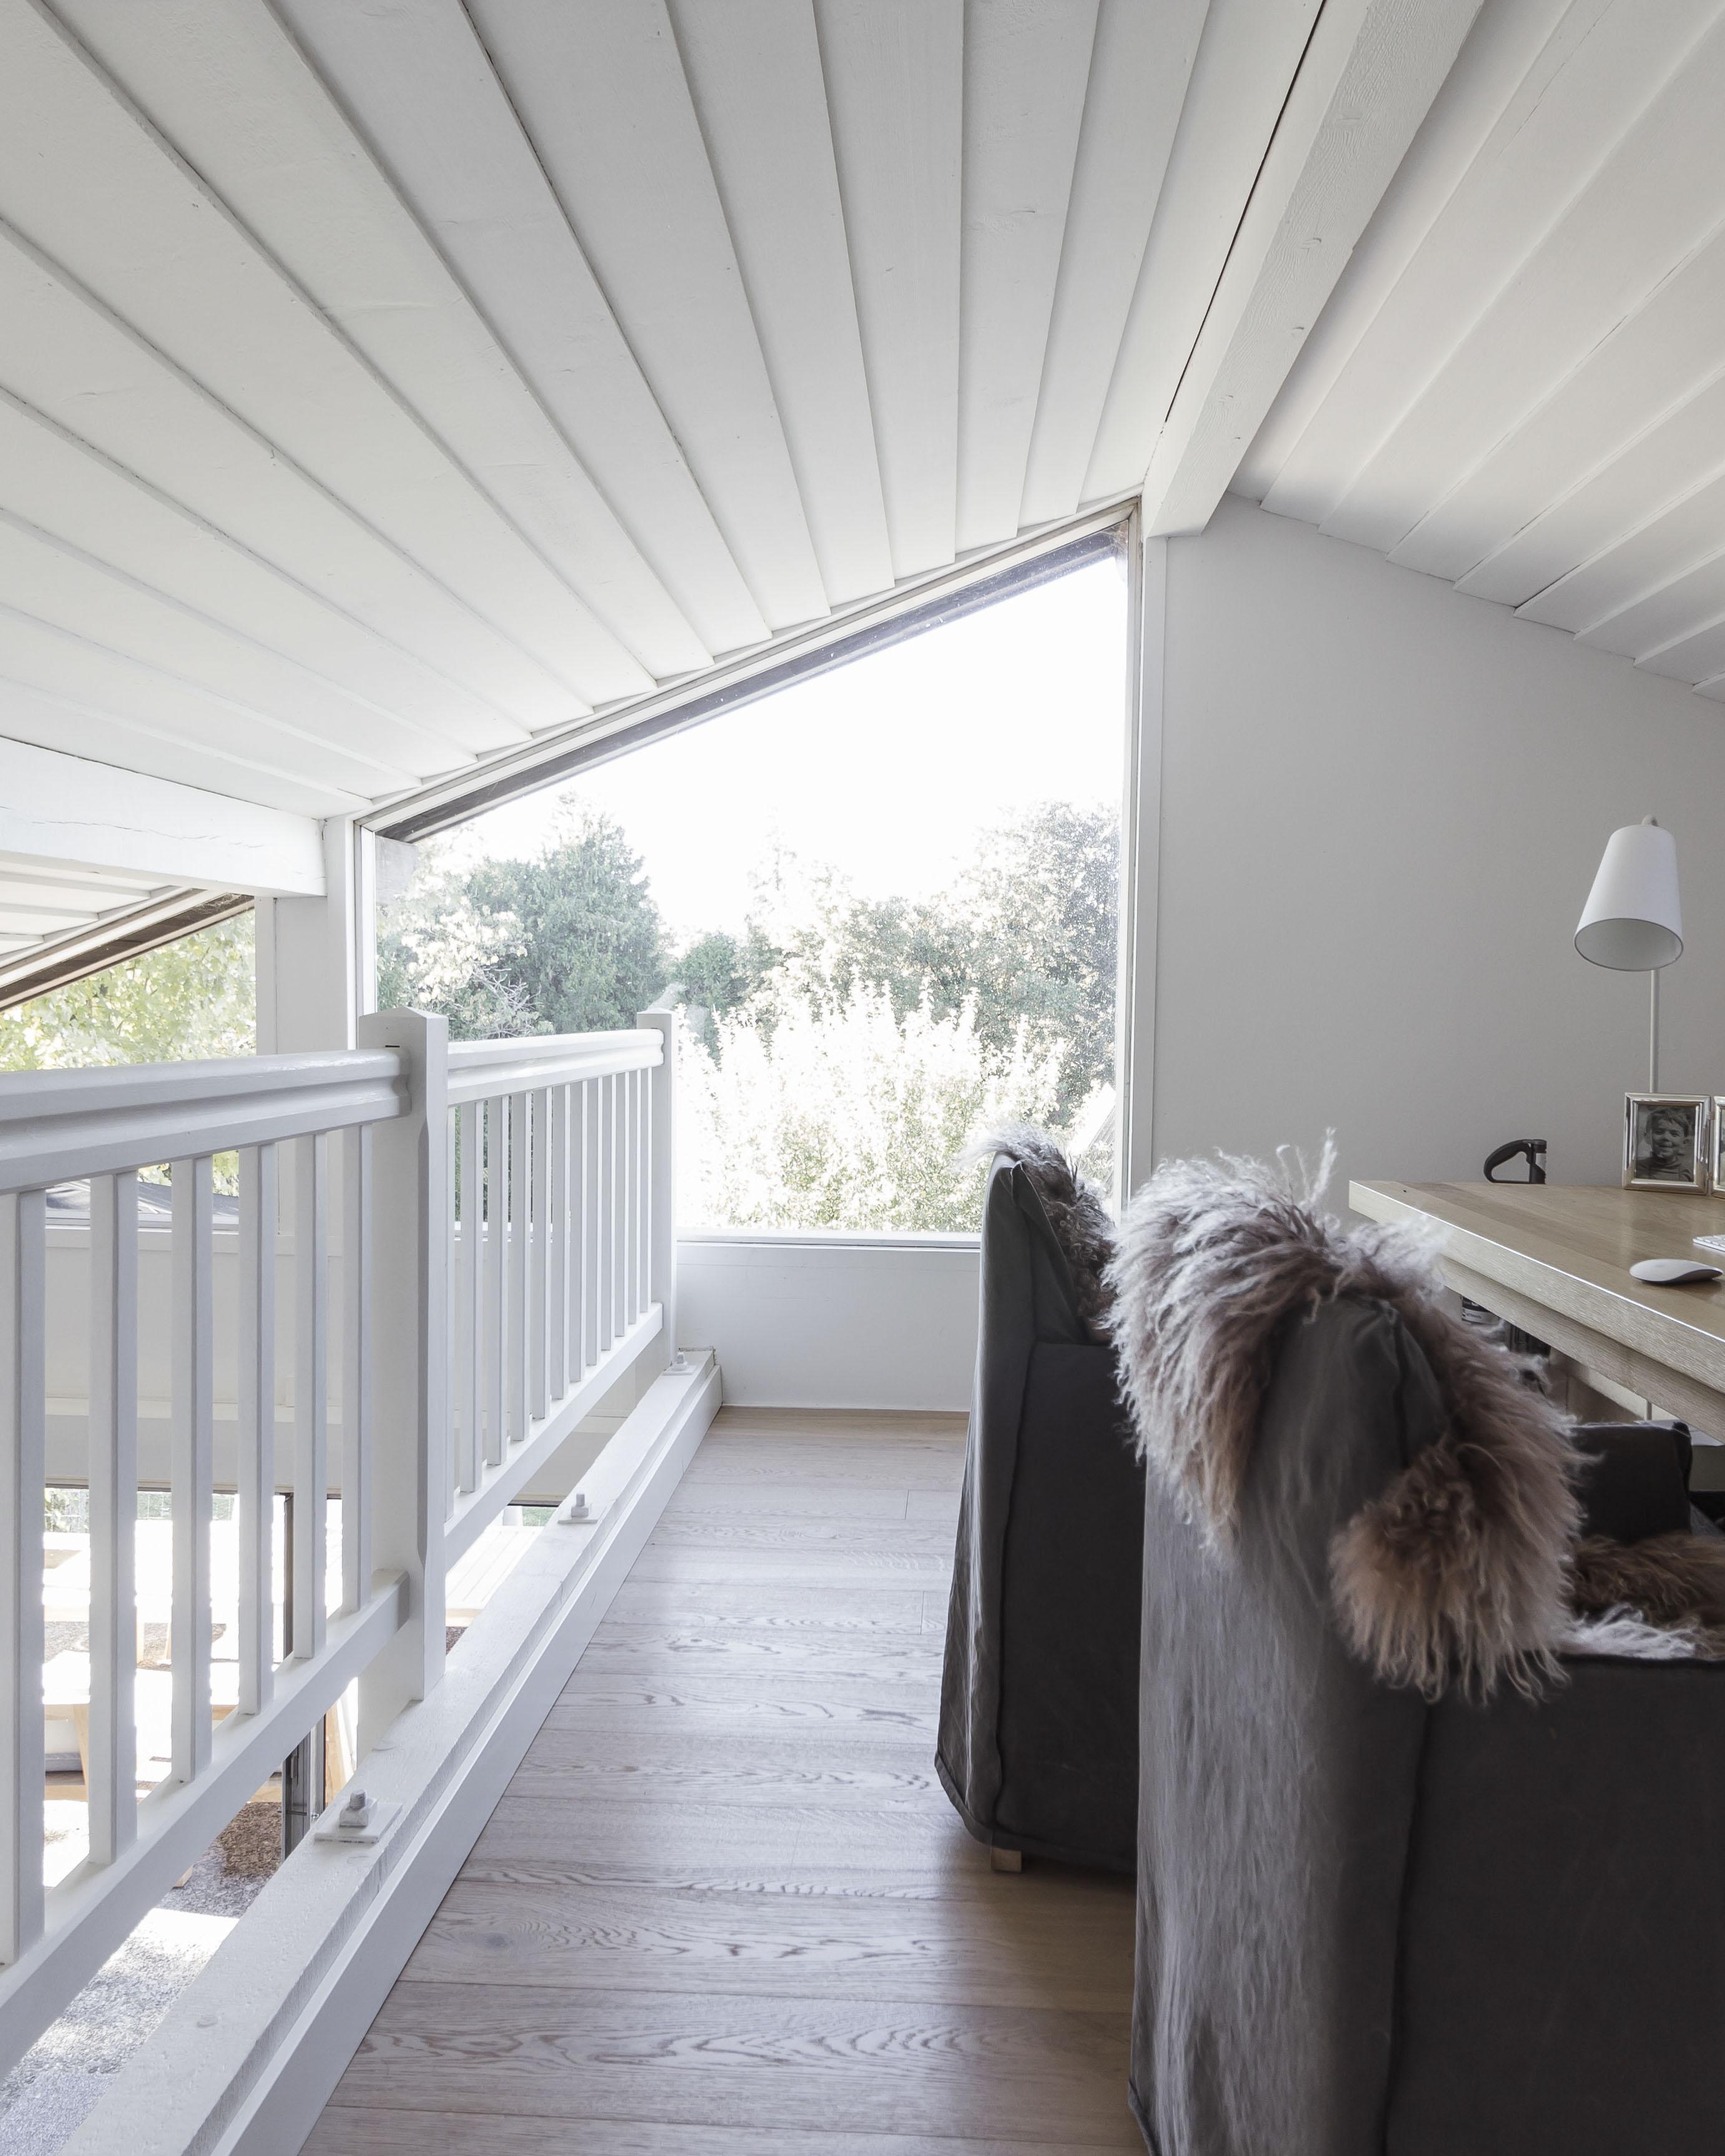 CSDK Architectes Renovation Woodenhouse 03 - Rénovation d'une maison en bois - Genève - CSDK Architectes Renovation Woodenhouse 03